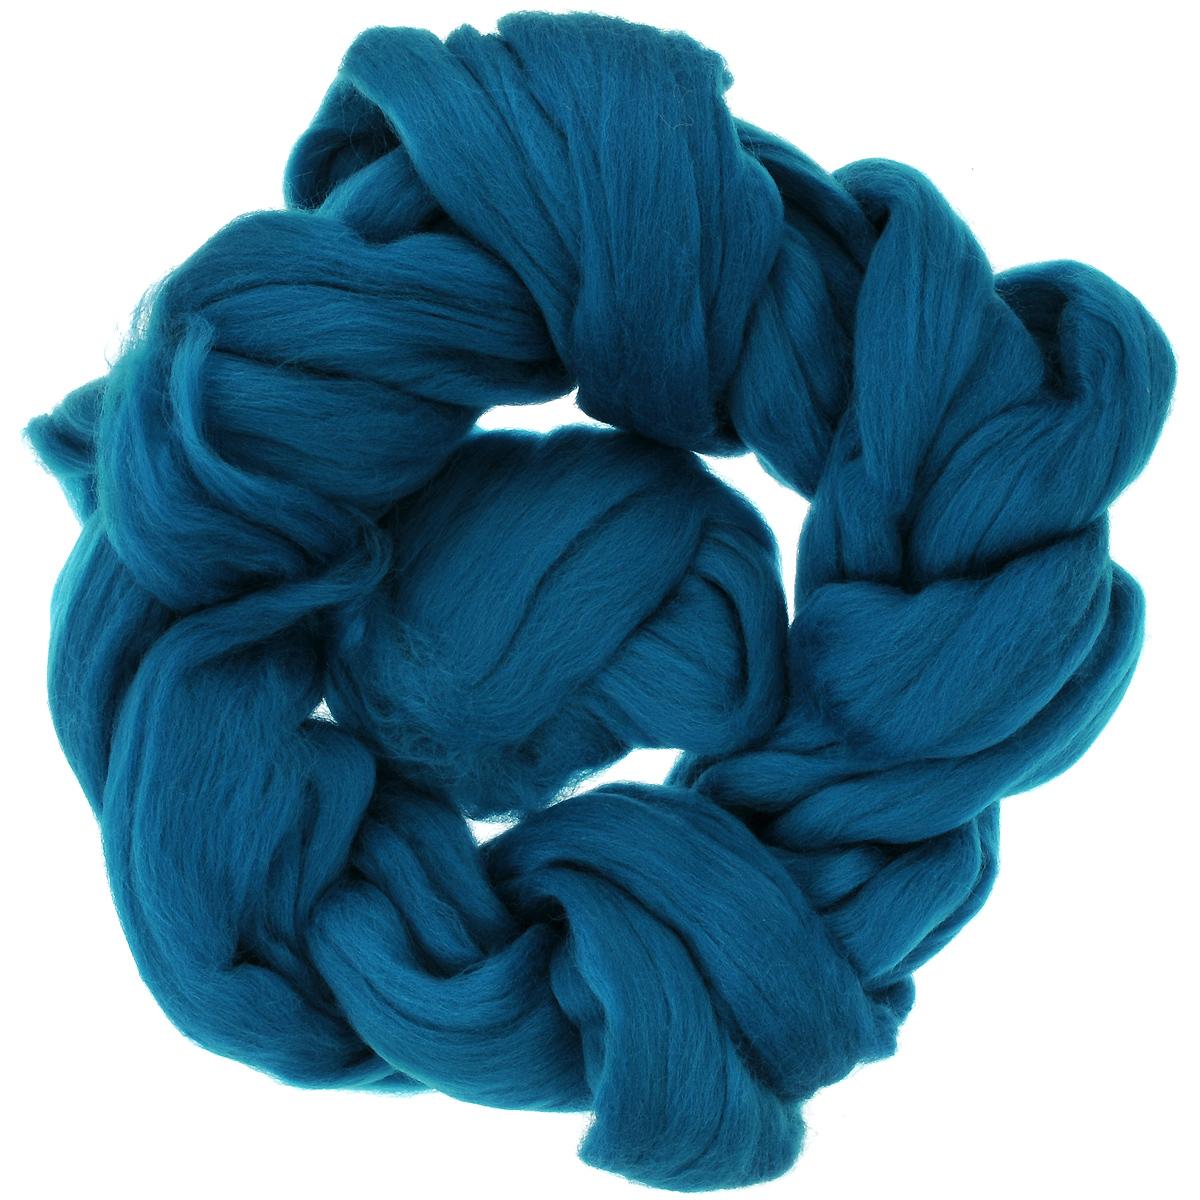 Шерсть для валяния Астра, тонкая, цвет: морская волна (0331), 100 г366137_0331